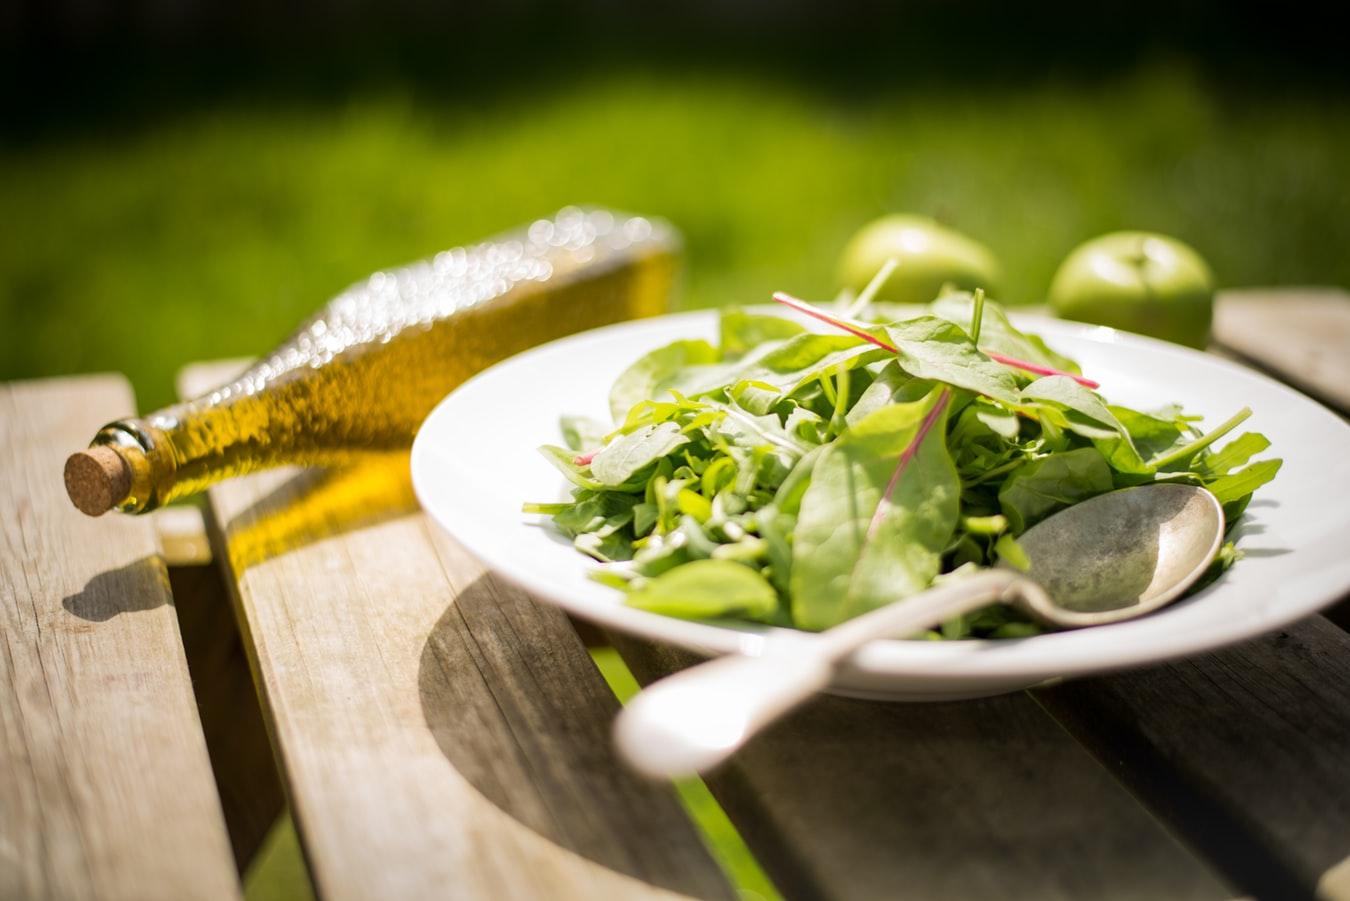 百搭好油非苦茶油莫屬!因為耐高溫、發煙點高,油脂不容易產生過氧化物質,可以避免對健康造成的負擔,因此,煎、炒、煮、炸、拌都很適合,例如:用苦茶油炒青菜、拌麵…等。